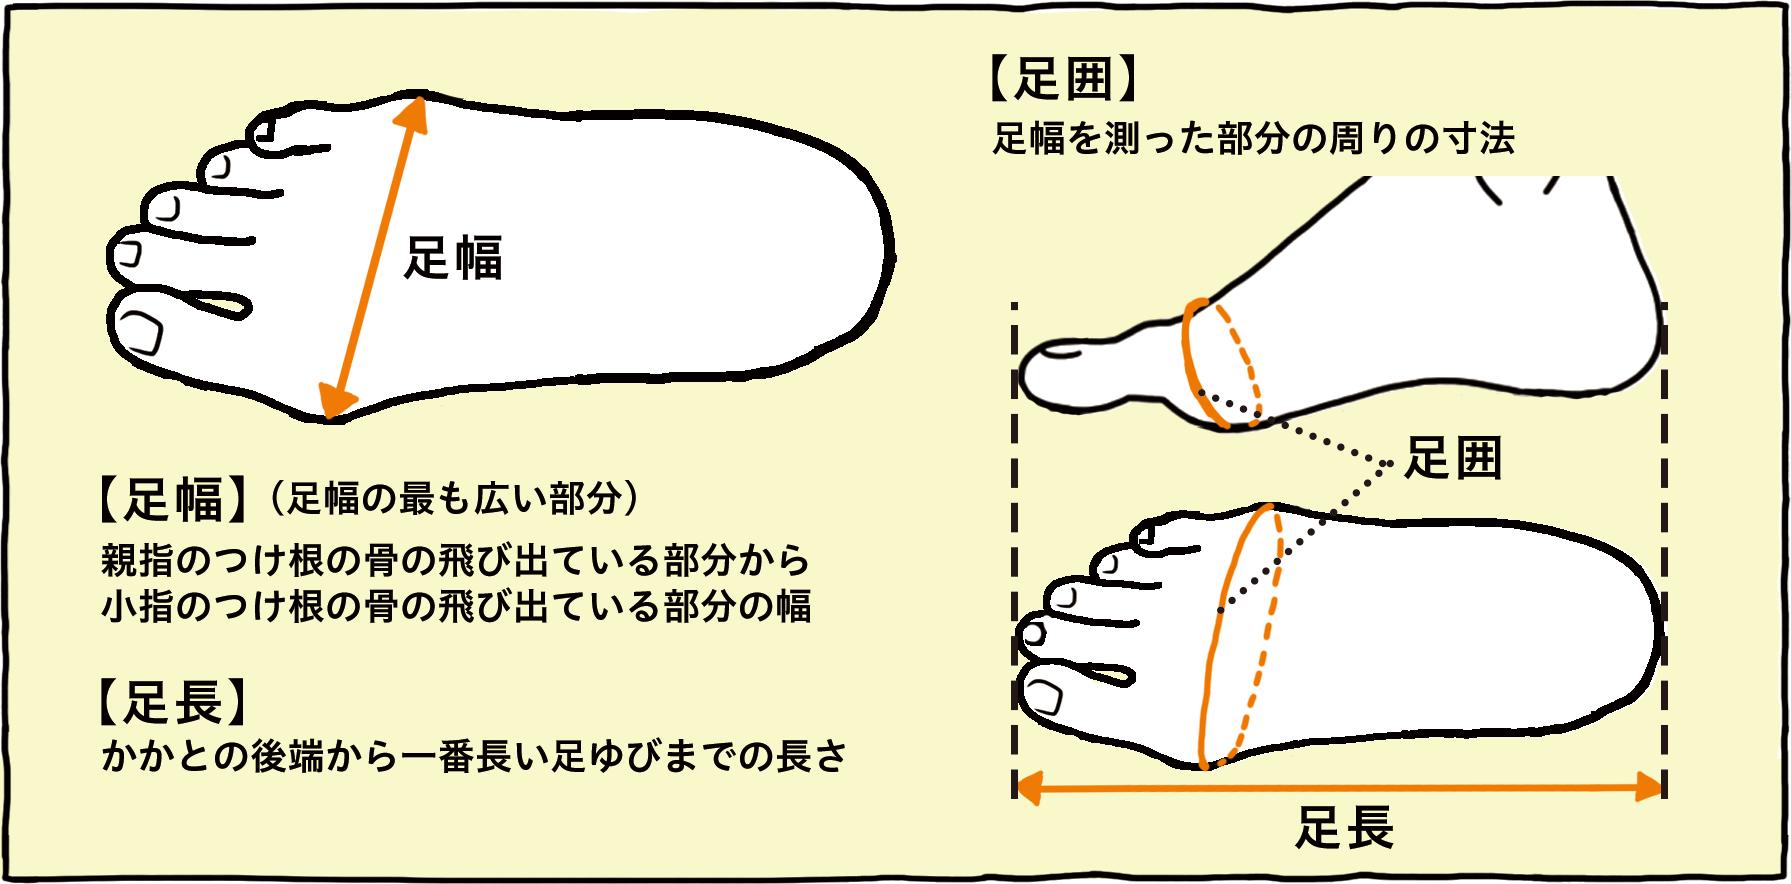 足幅・足長・足囲の測り方